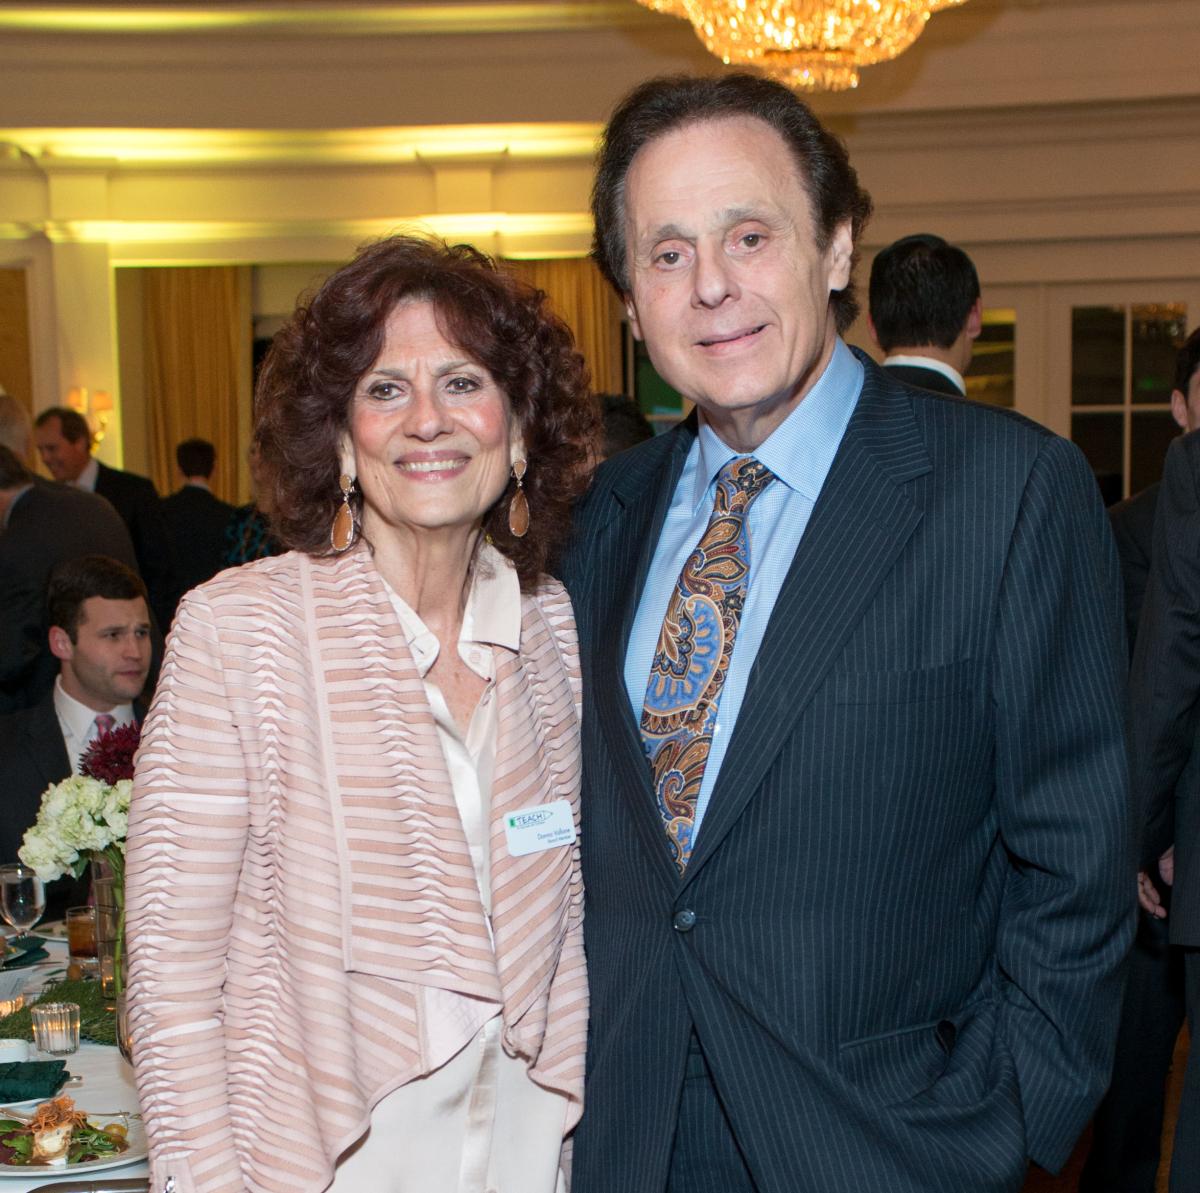 News, Shelby, TEACH dinner, NOv. 2015, Donna Vallone, Tony Vallone